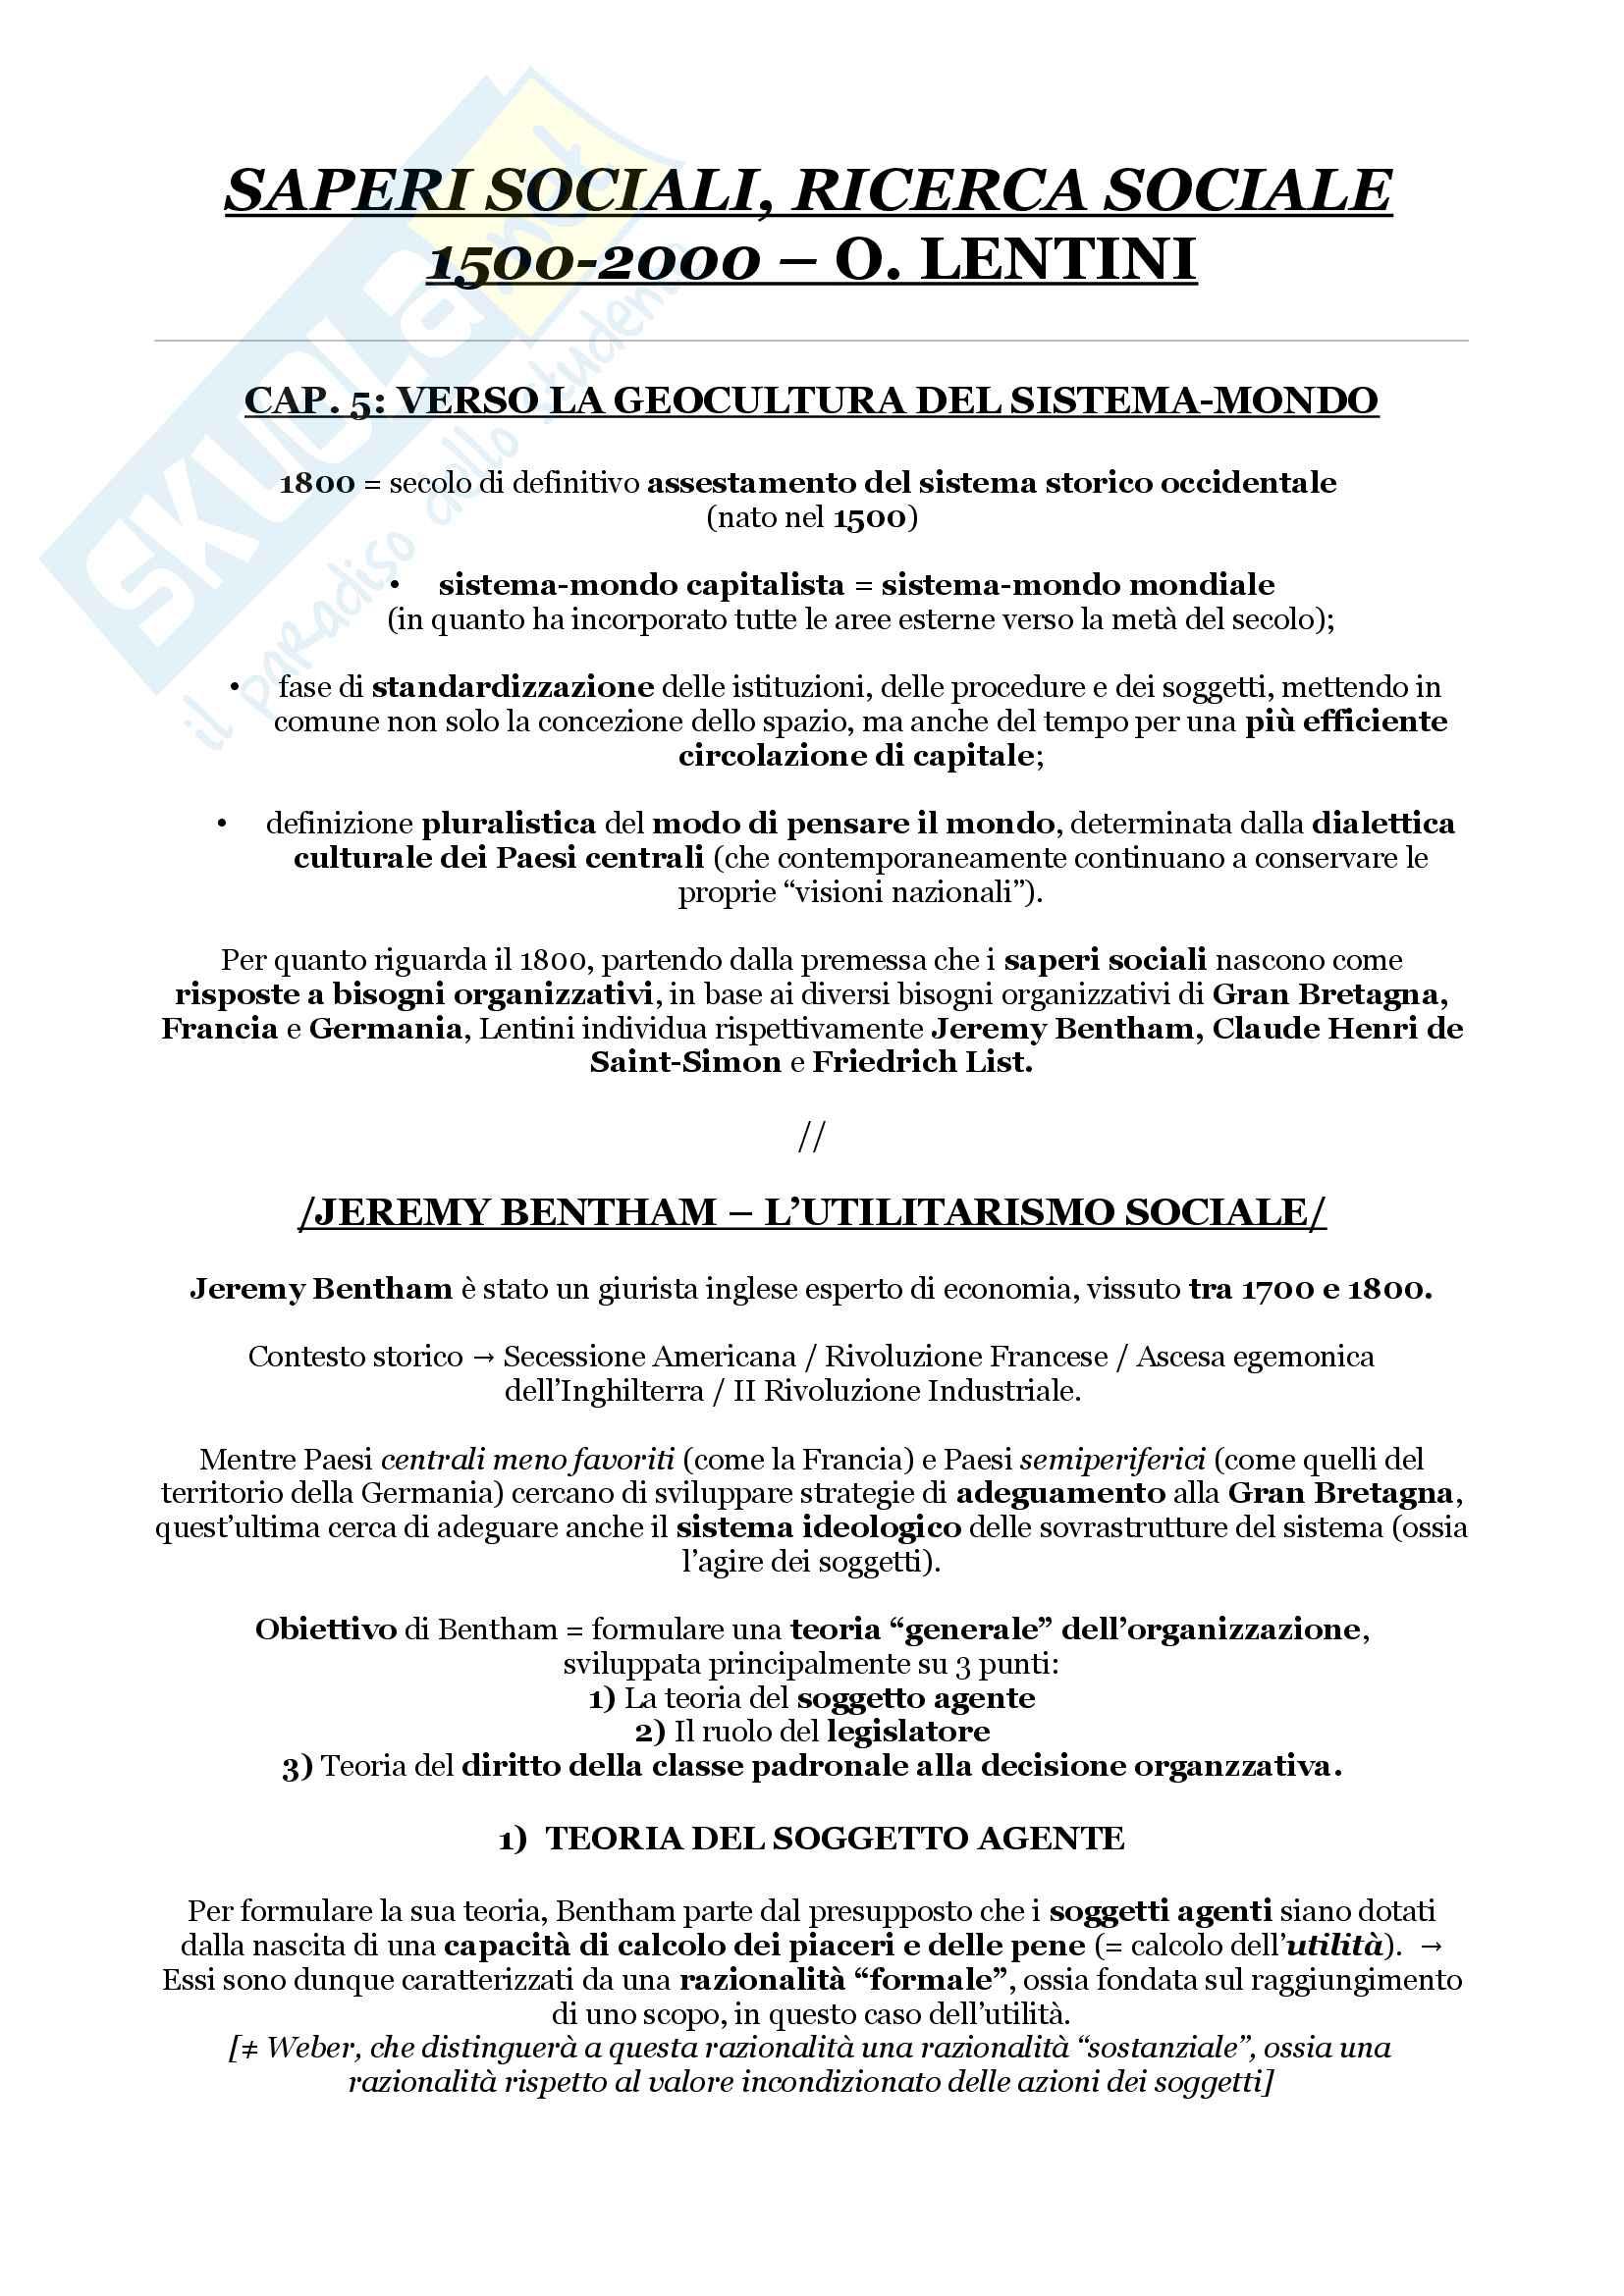 Riassunto 'esame di sociologia, prof. Di Meglio, libro consigliato Saperi Sociali, Ricerca Sociale, Lentini